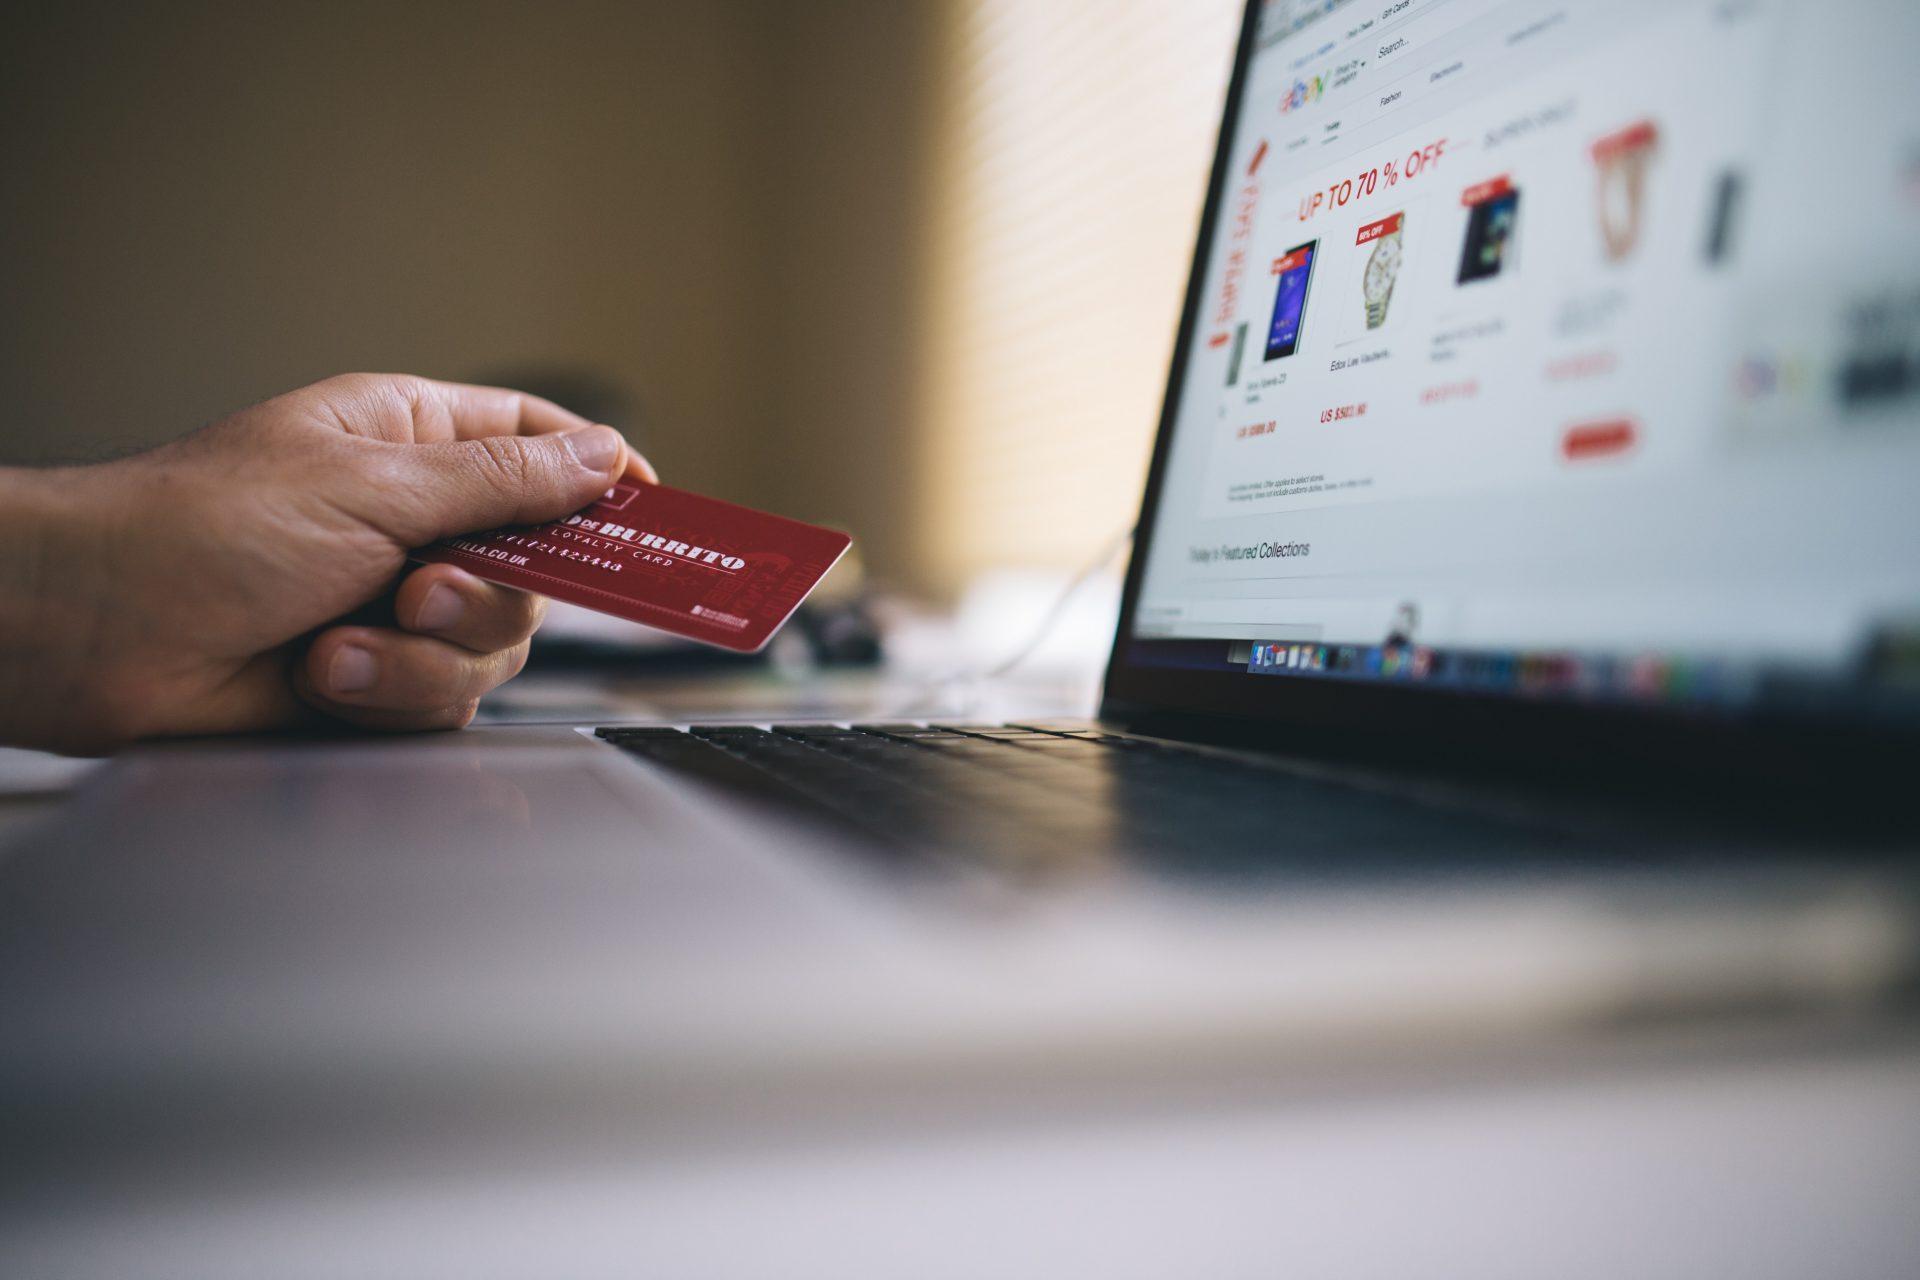 Пример аналитической статьи на украинском для продуктовой IT-компании в сфере e-commerce